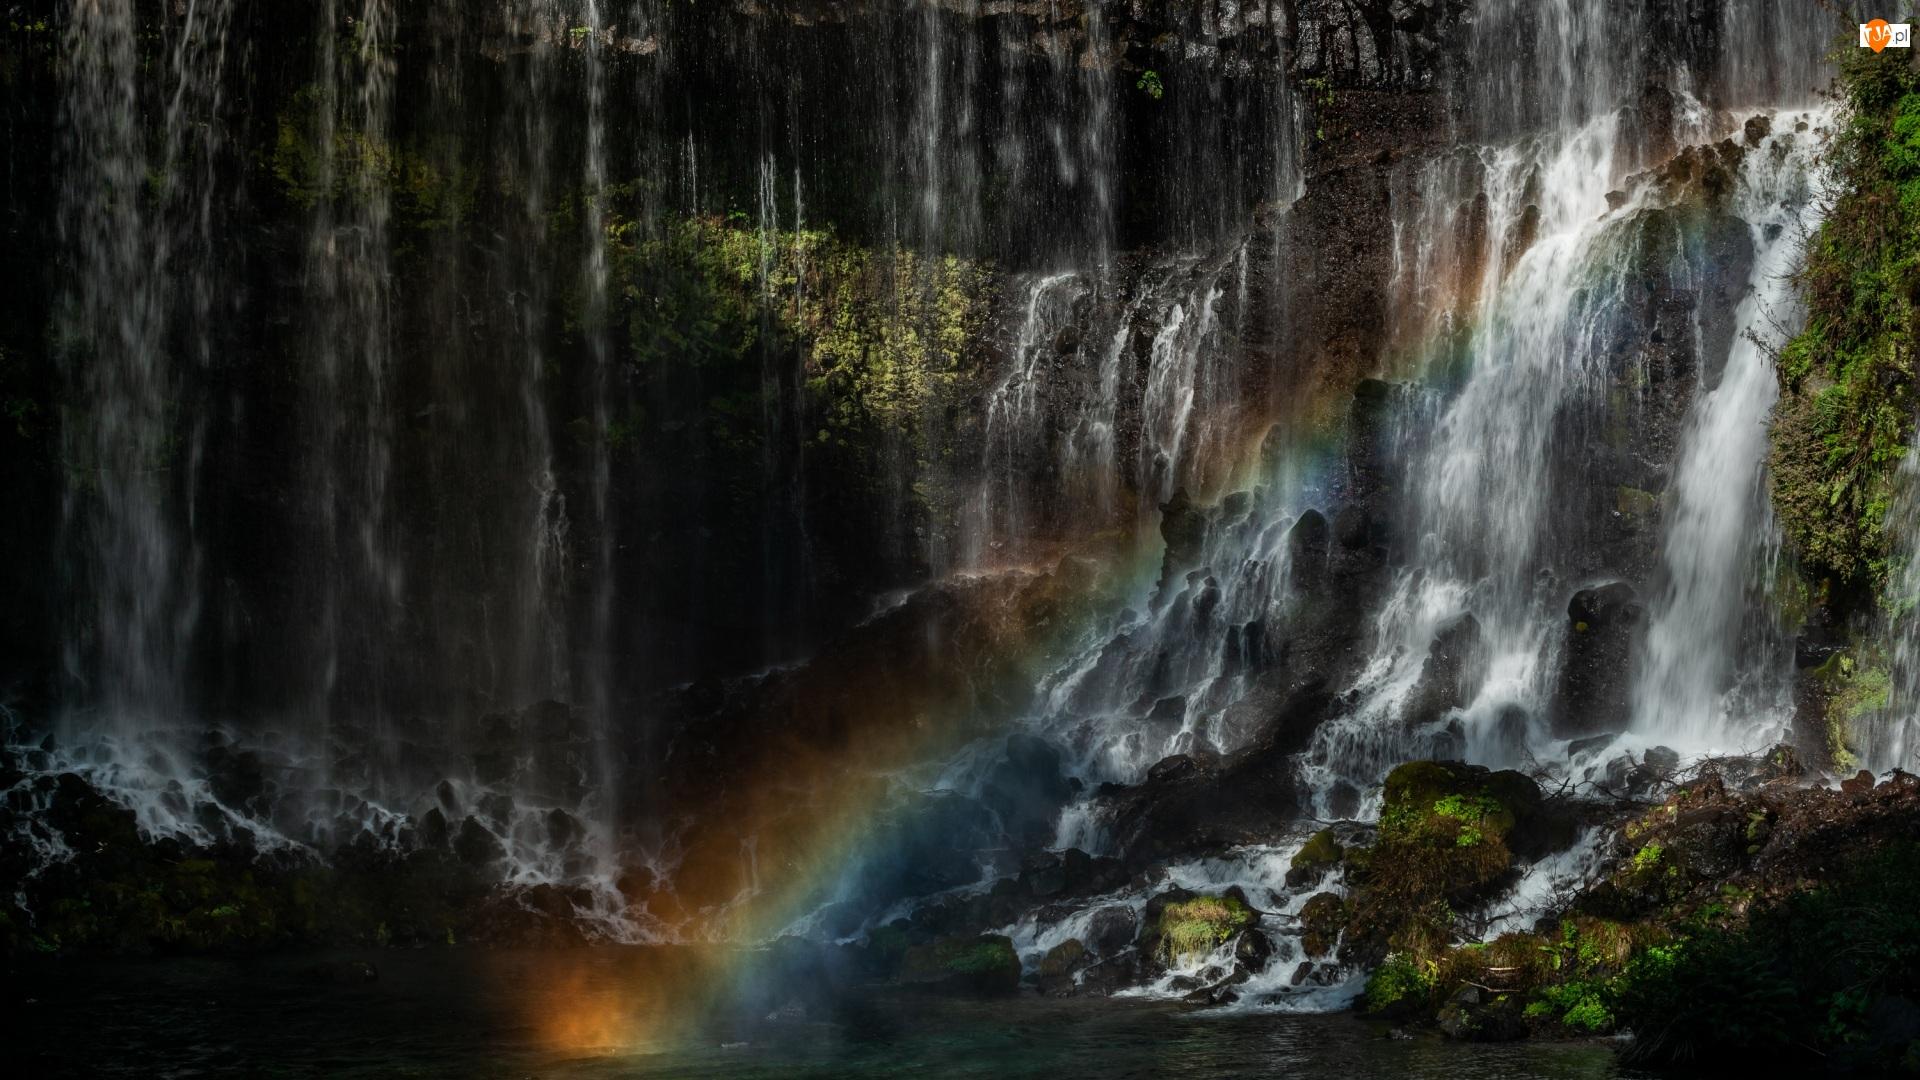 Omszałe, Skały, Japonia, Wodospad Shiraito, Park Narodowy Fudżi-Hakone-Izu, Tęcza, Kamienie